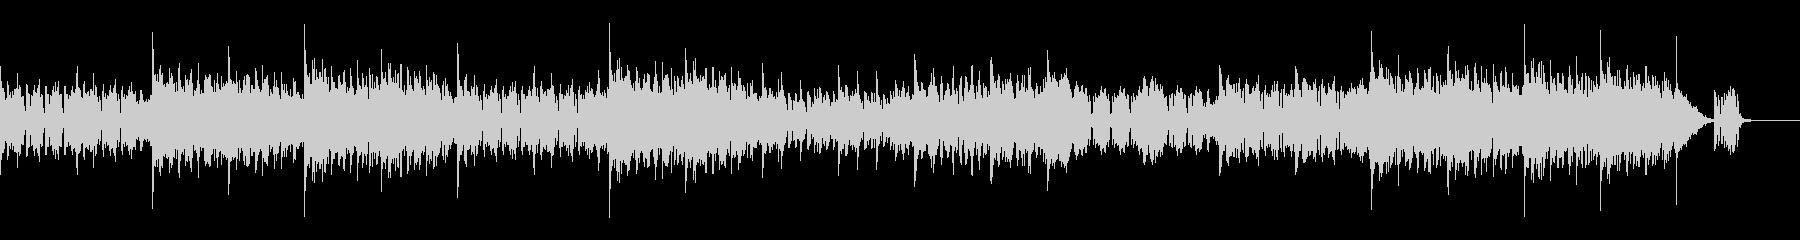 サンプリング・エレクトロ・トラップの未再生の波形